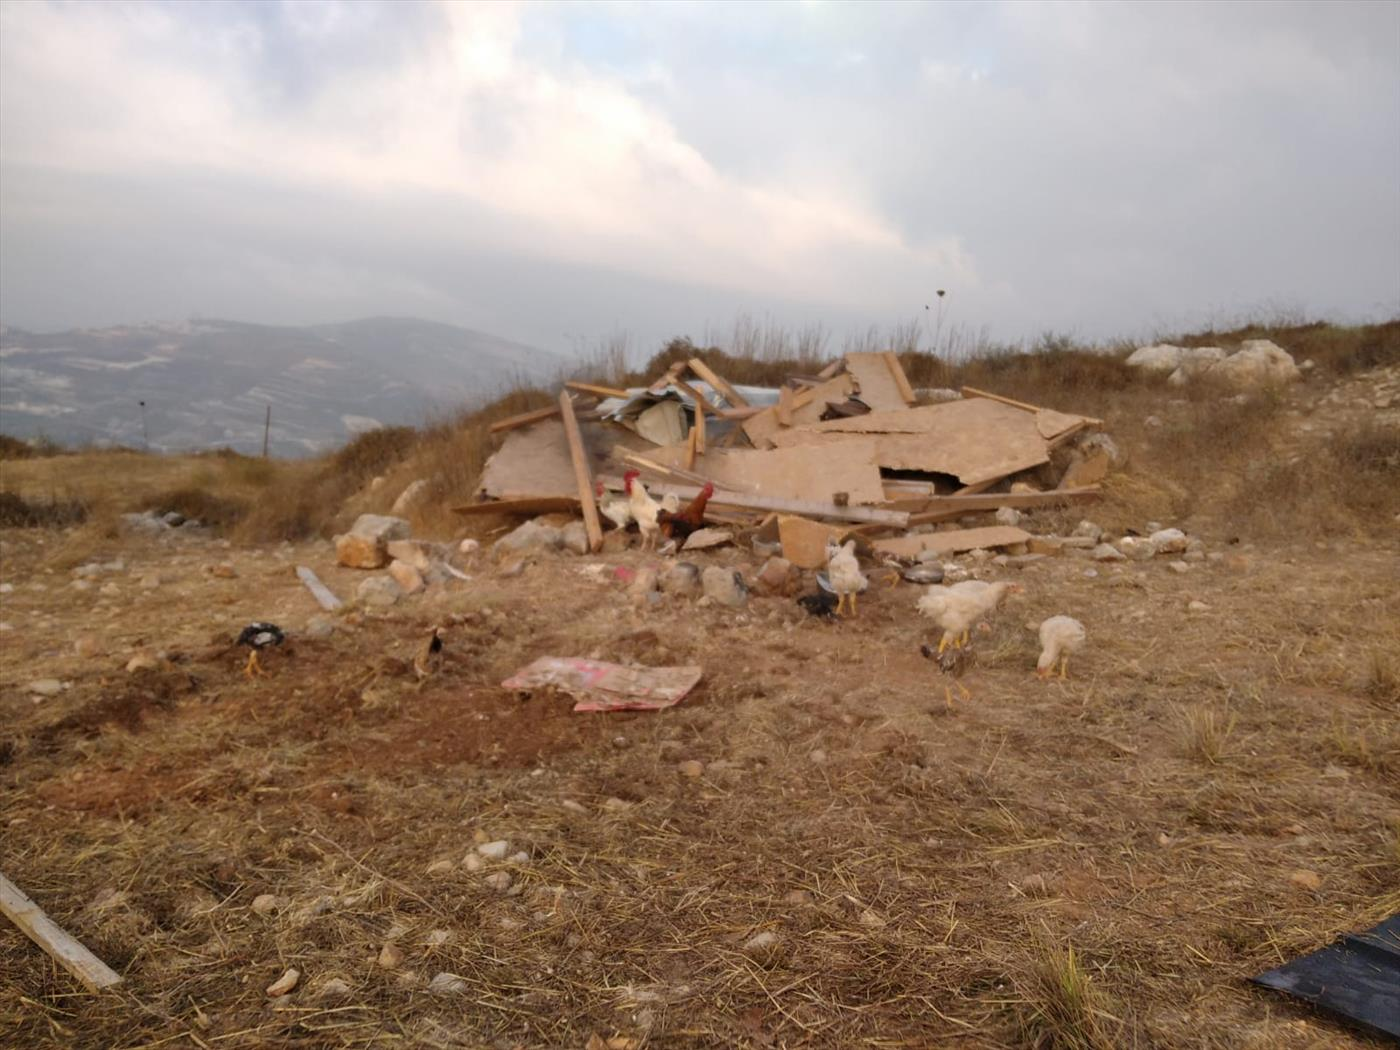 הרס בגבעת שבח הארץ ביצהר (באדיבות המצלם)